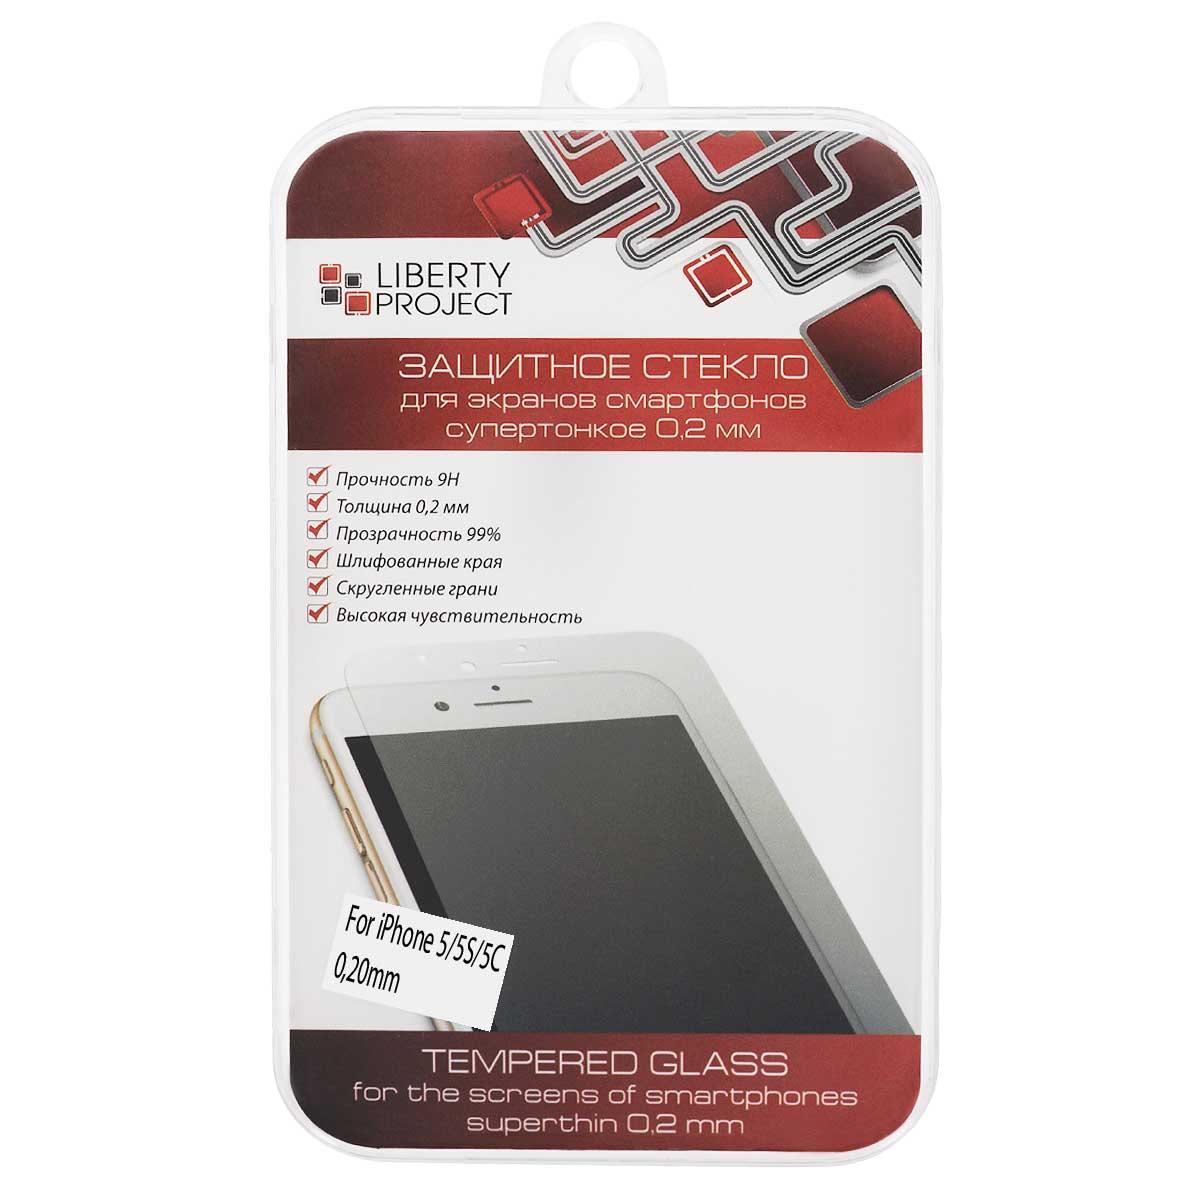 Liberty Project Tempered Glass защитное стекло для iPhone 5/5s/5c, Clear (0,20 мм)0L-00000331Защитное стекло Liberty Project Tempered Glass предназначено для защиты поверхности экрана, от царапин, потертостей, отпечатков пальцев и прочих следов механического воздействия. Гарантирует высокую чувствительность при работе с устройством. Данная модель также обладает антибликовым и водоотталкивающим эффектом.